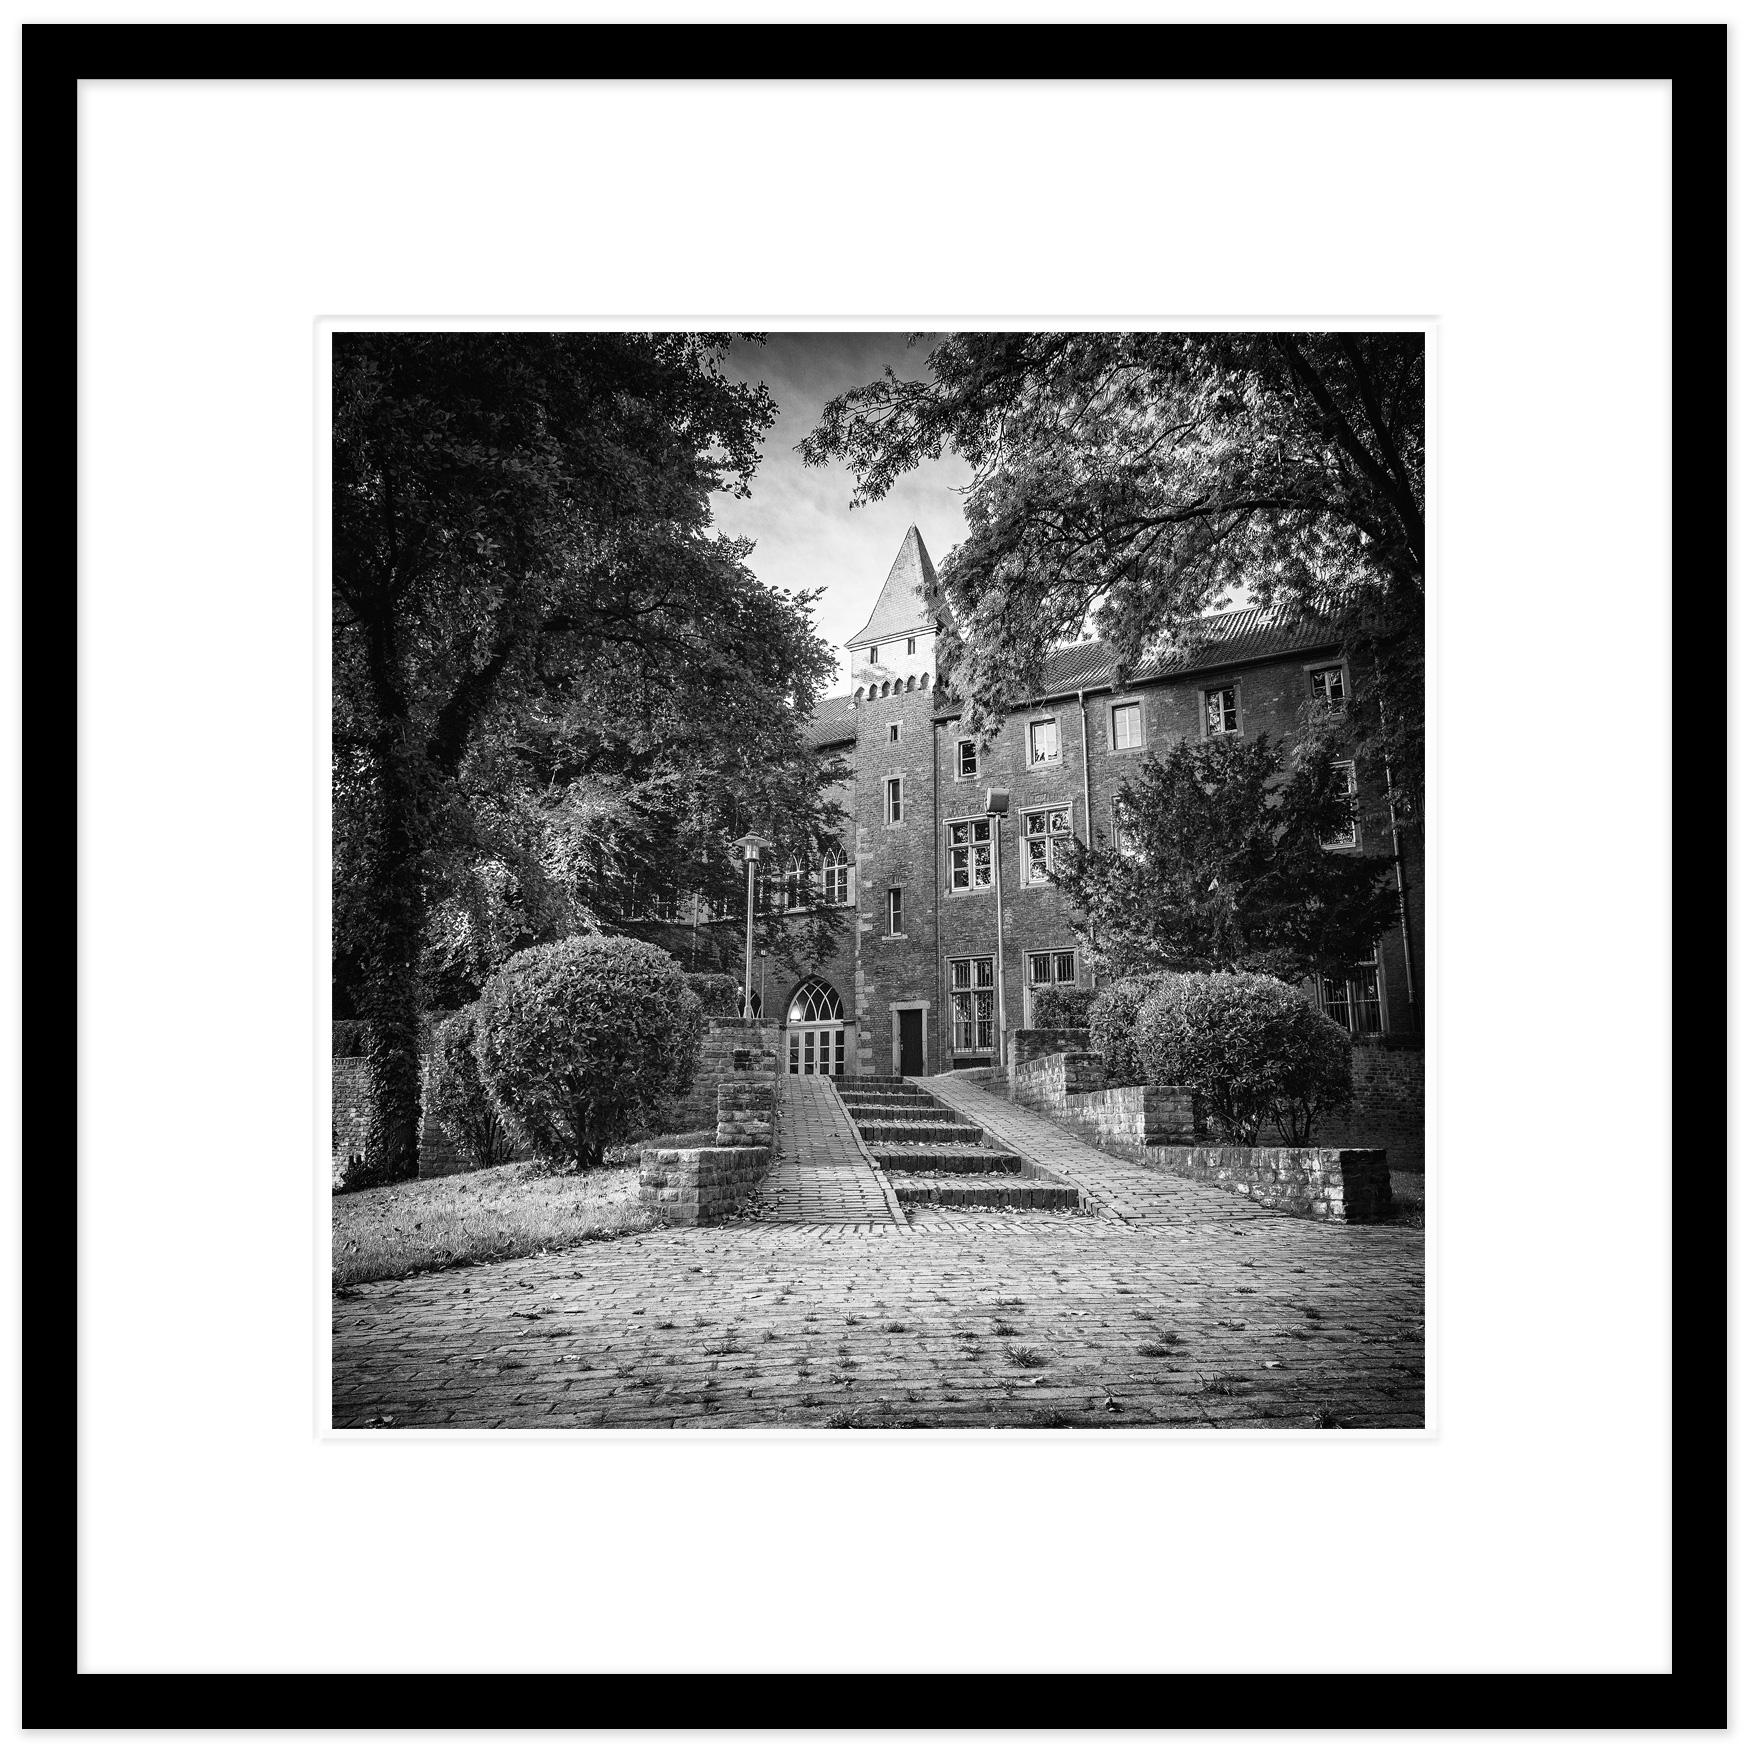 Burg,-Kempen.jpg